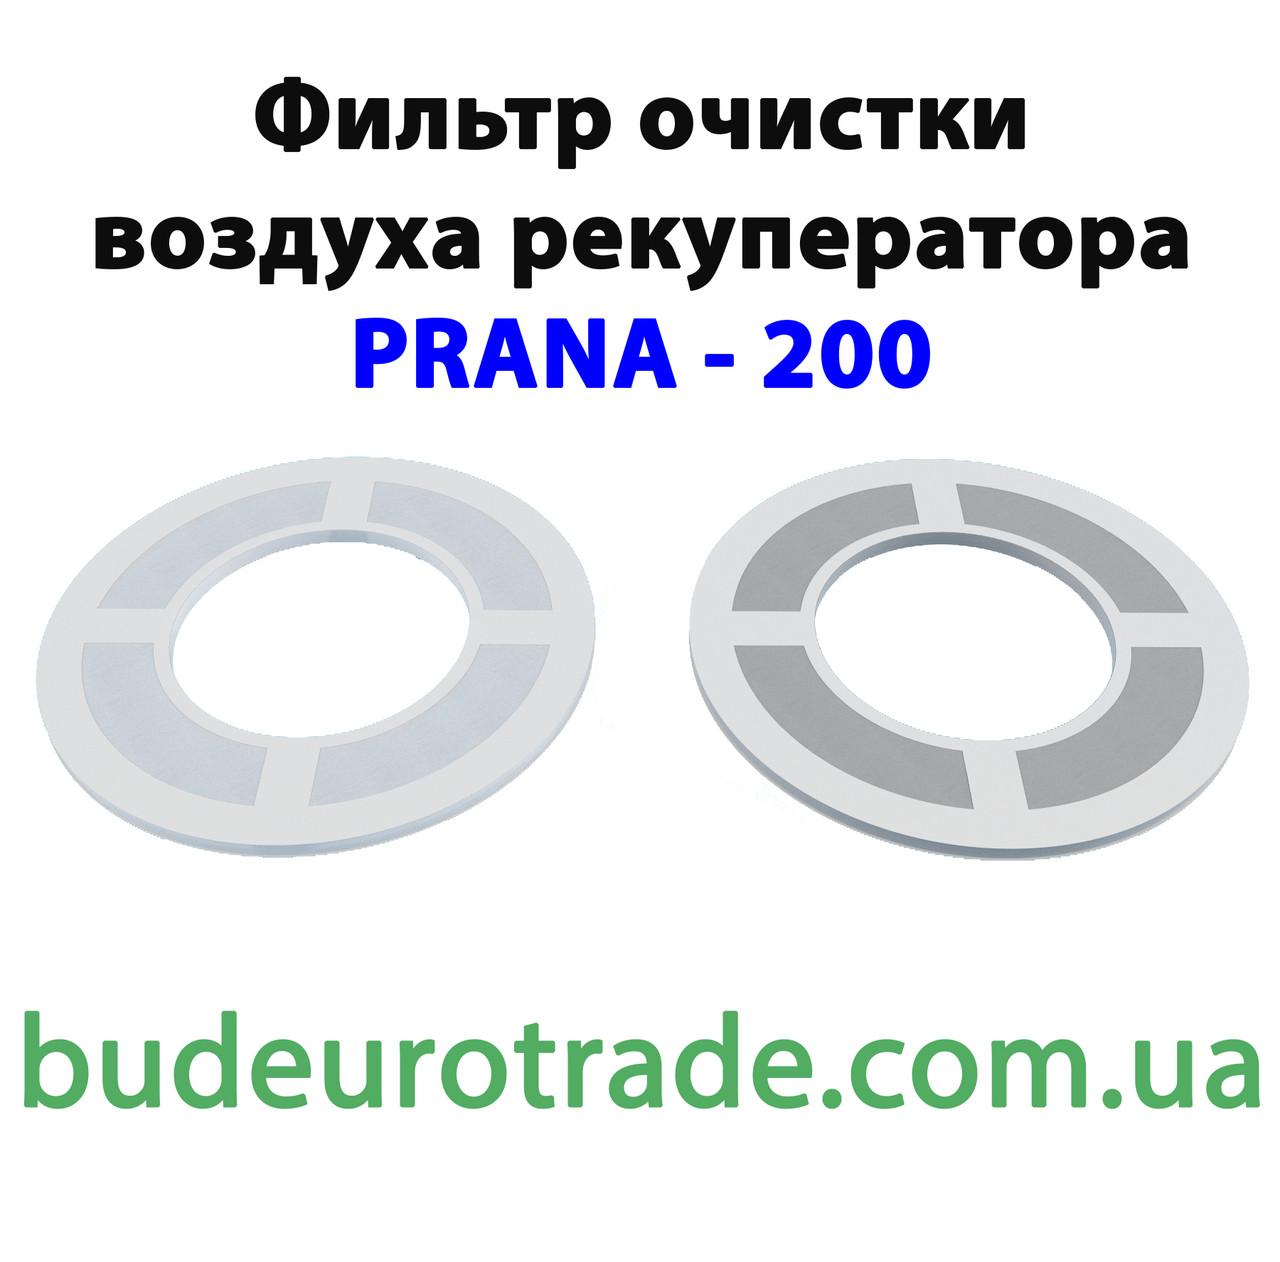 Дополнительный фильтр очистки воздуха для Рекуператора Prana 200C и Prana 200G (4шт)